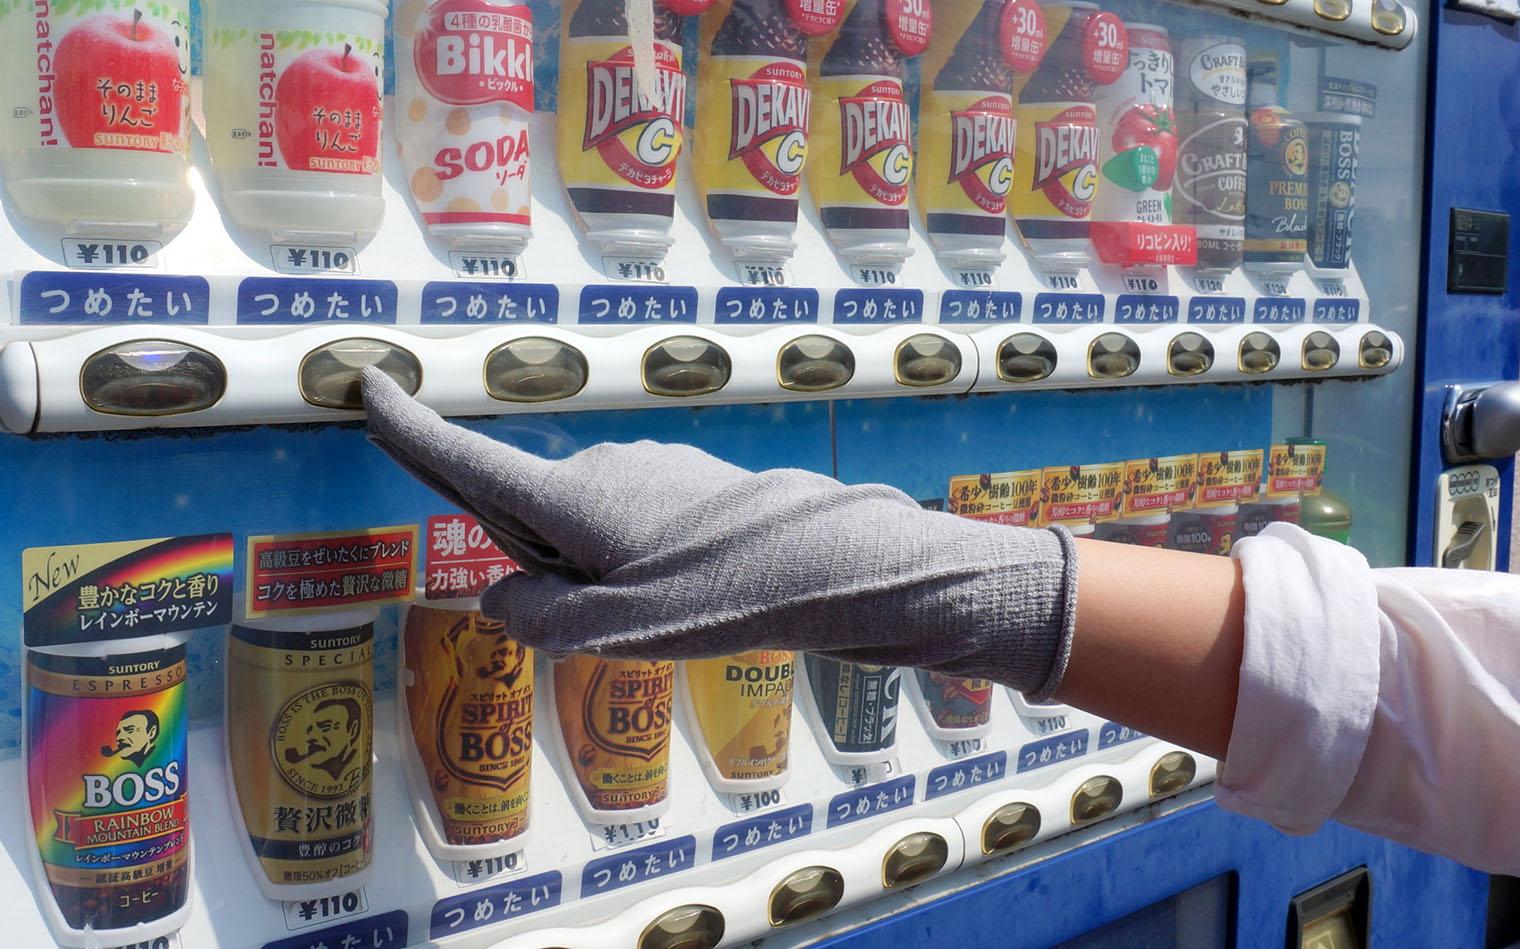 ハンドカバー てをつつむ ウイルス予防 薄手 綿レーヨンシルク